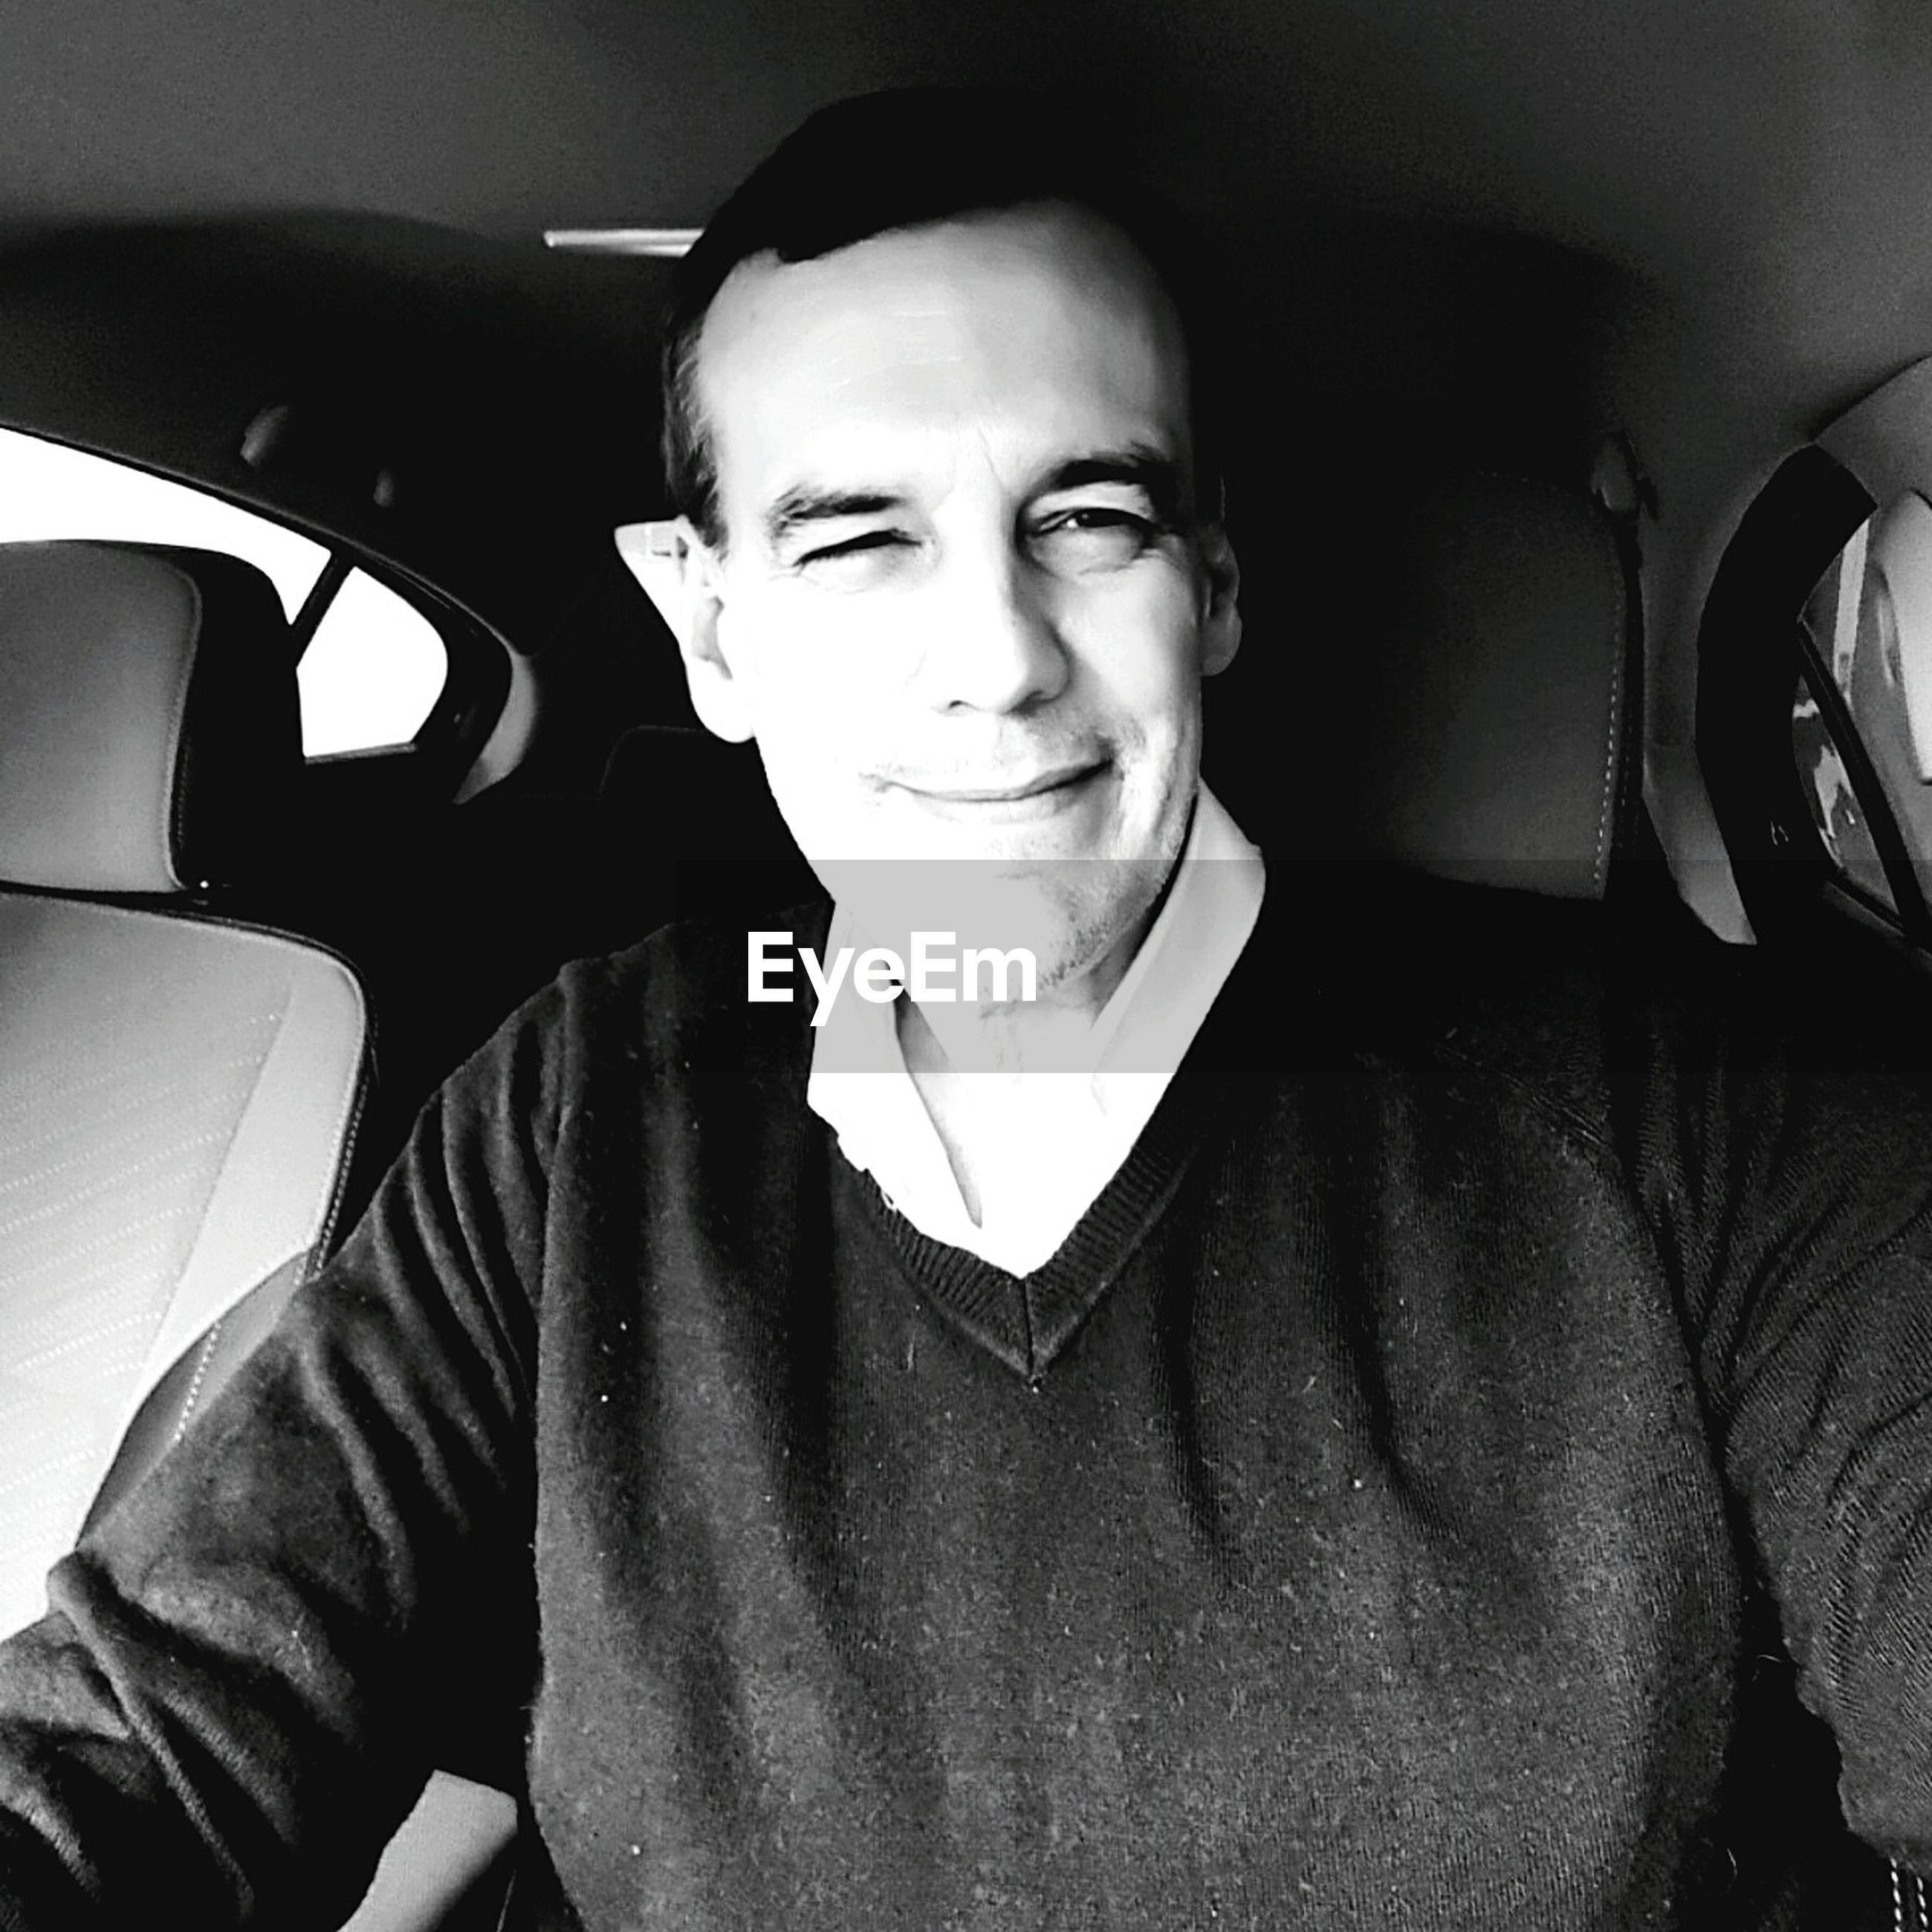 Smiling man wearing sweater sitting in car